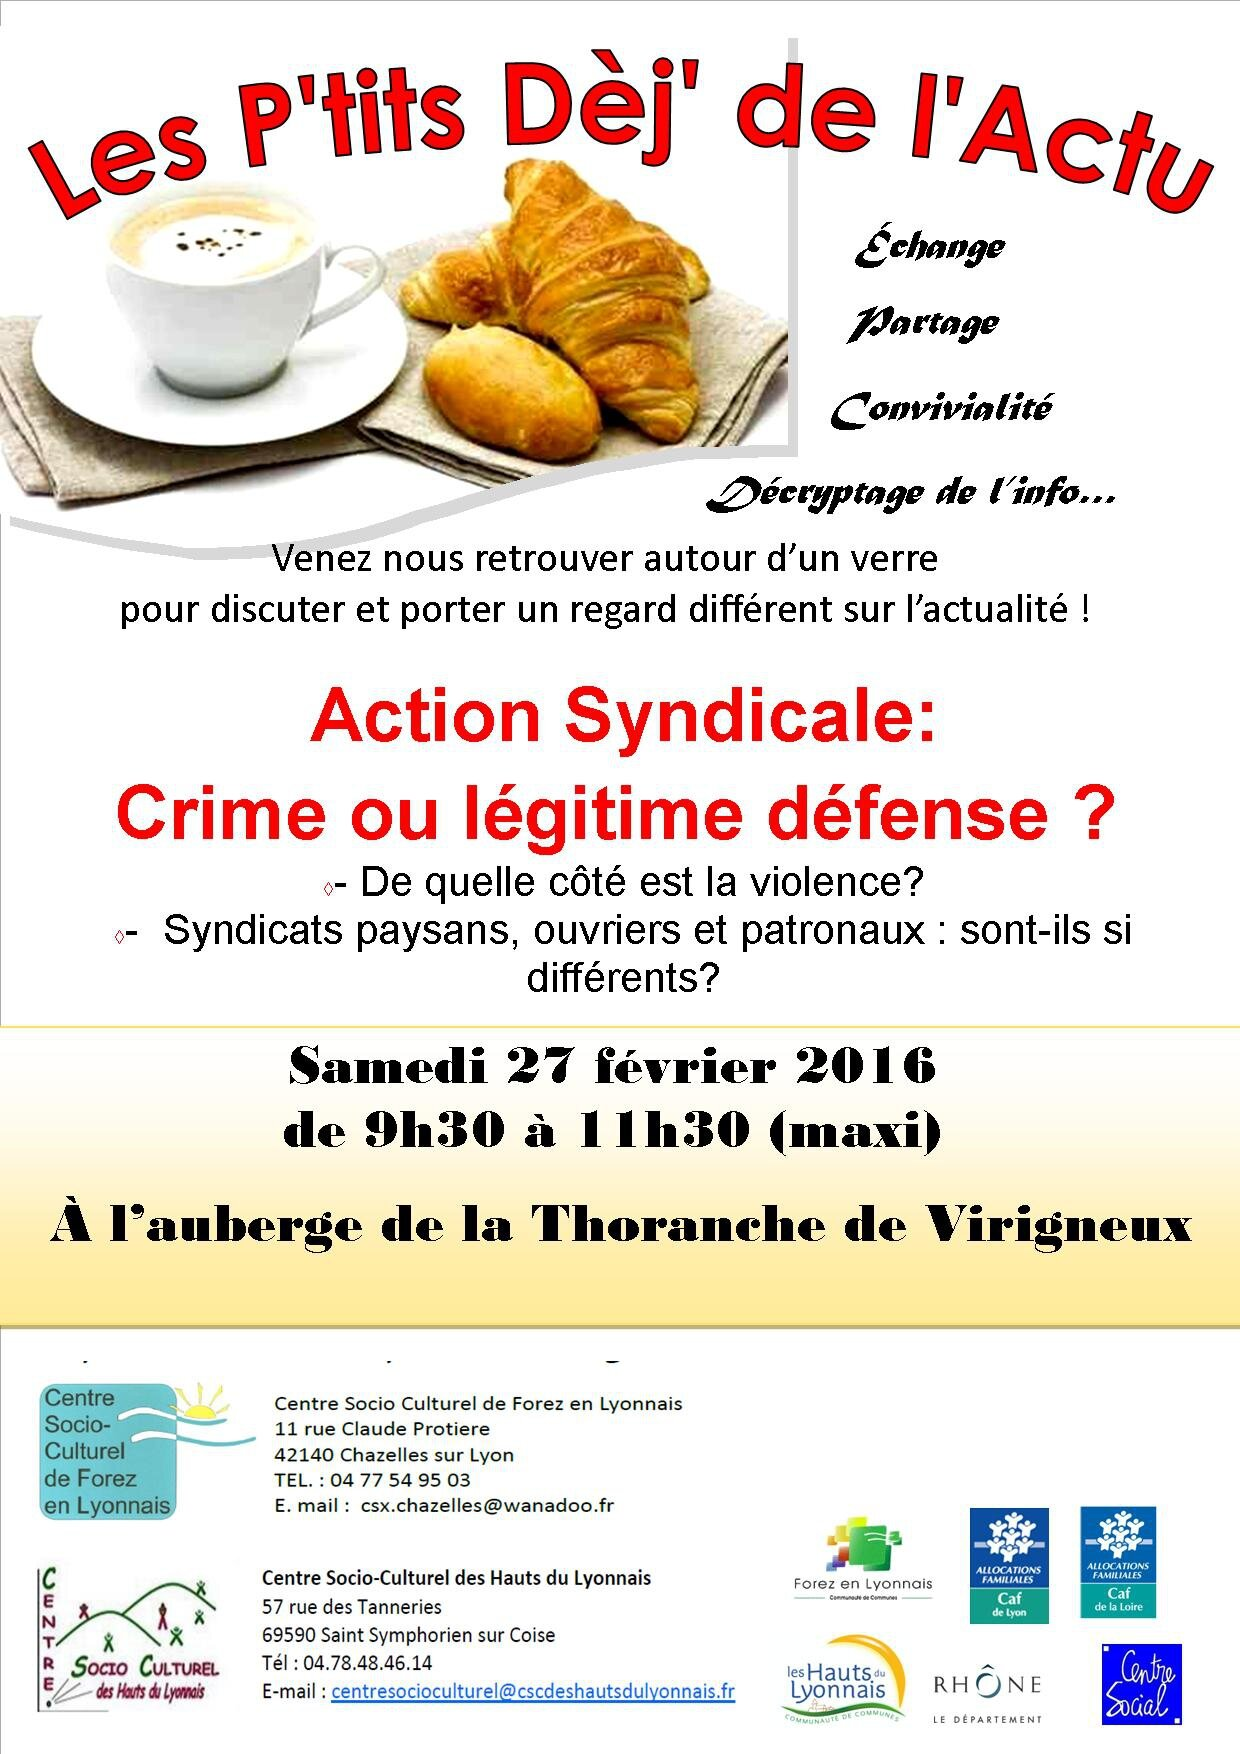 P'tit Déj Action syndicale